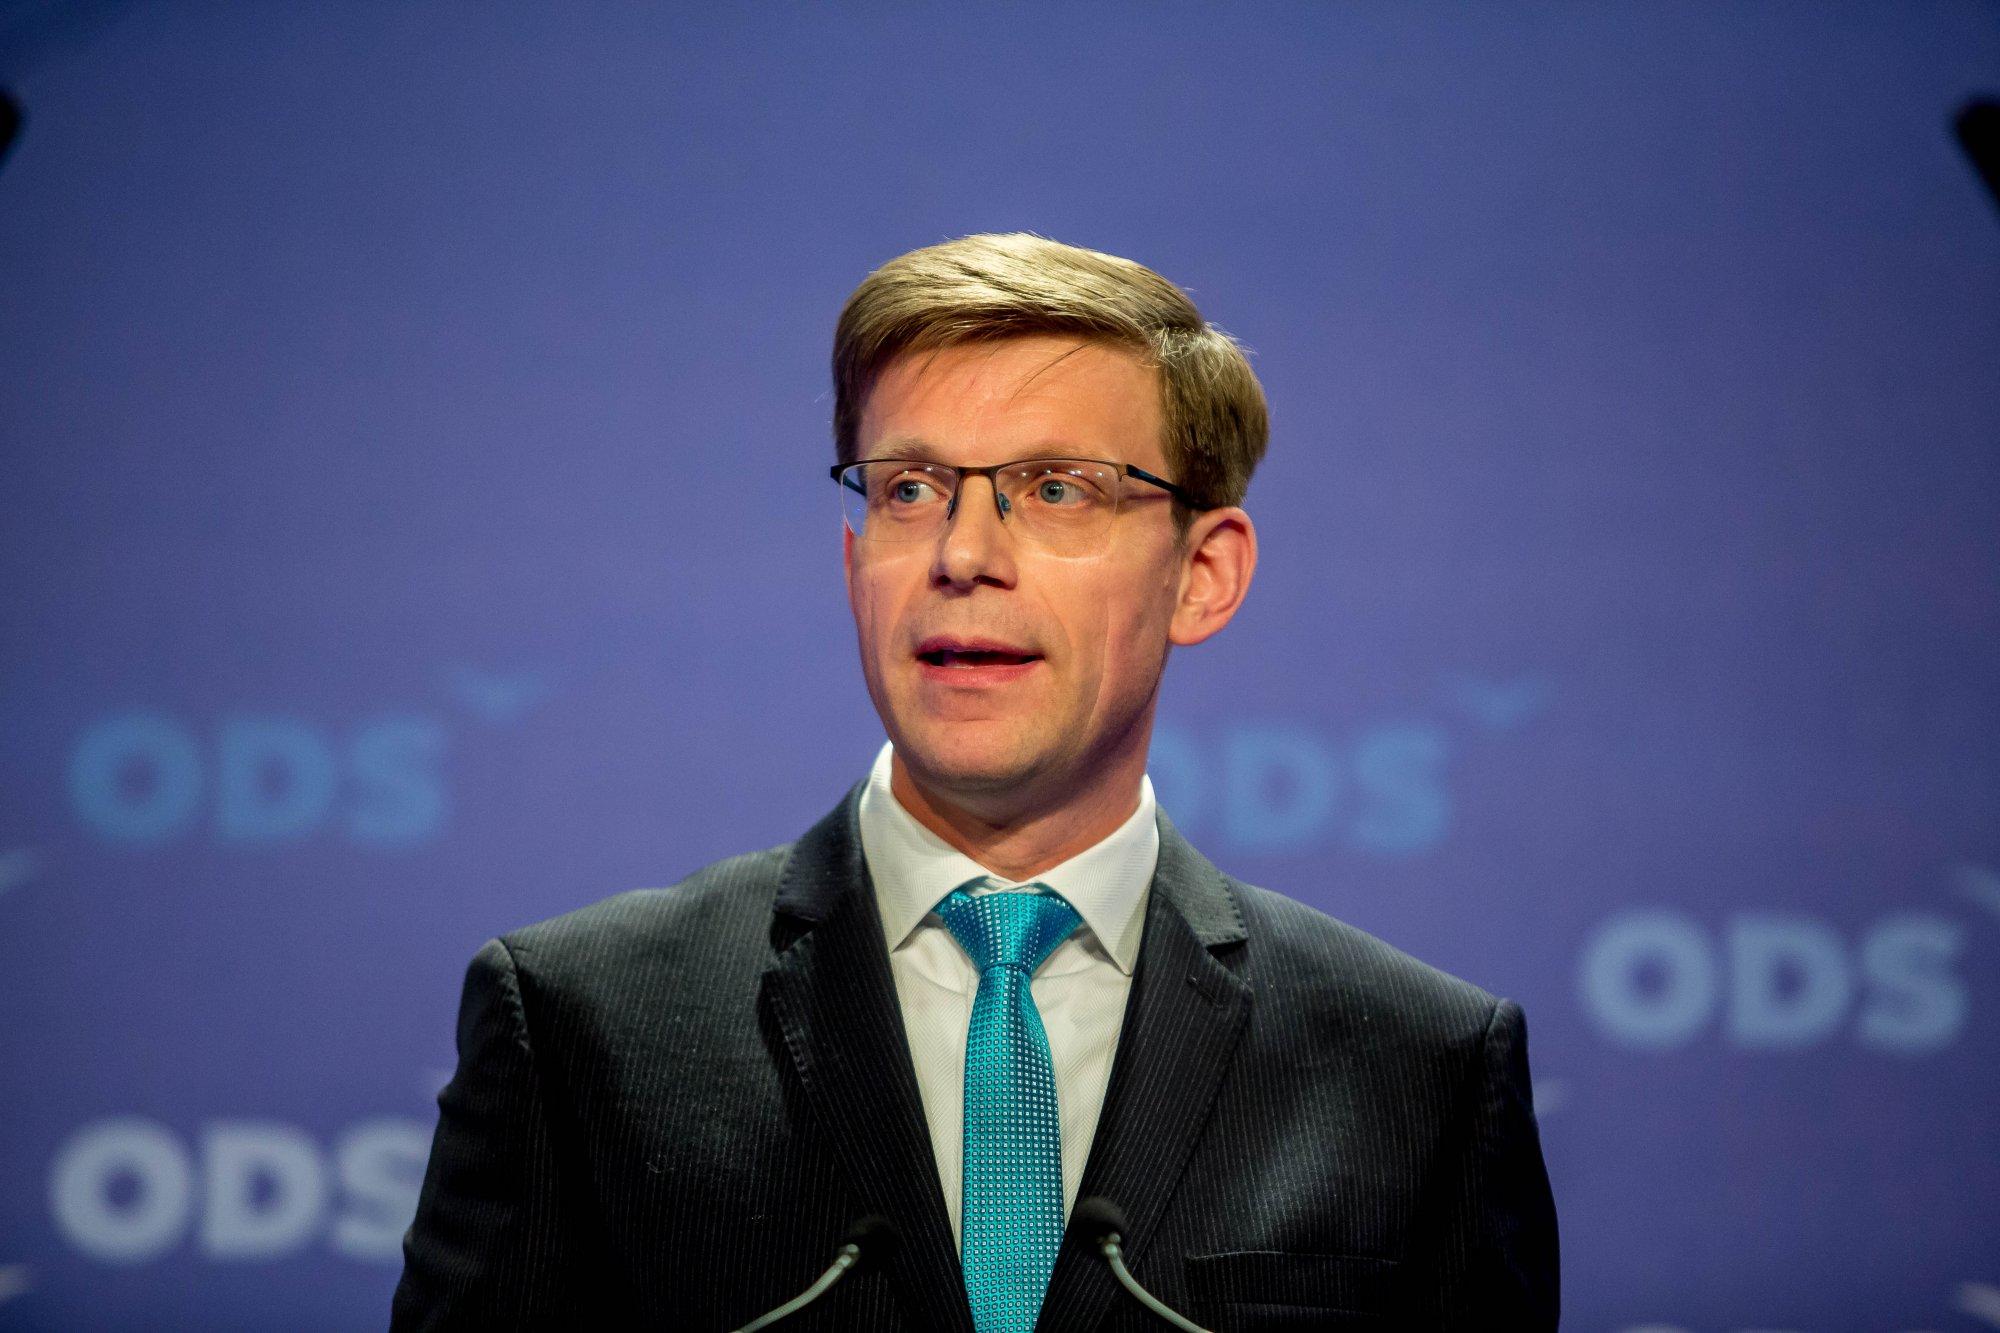 Vyjádření ministryně Schillerové je skandální, měla by se omluvit